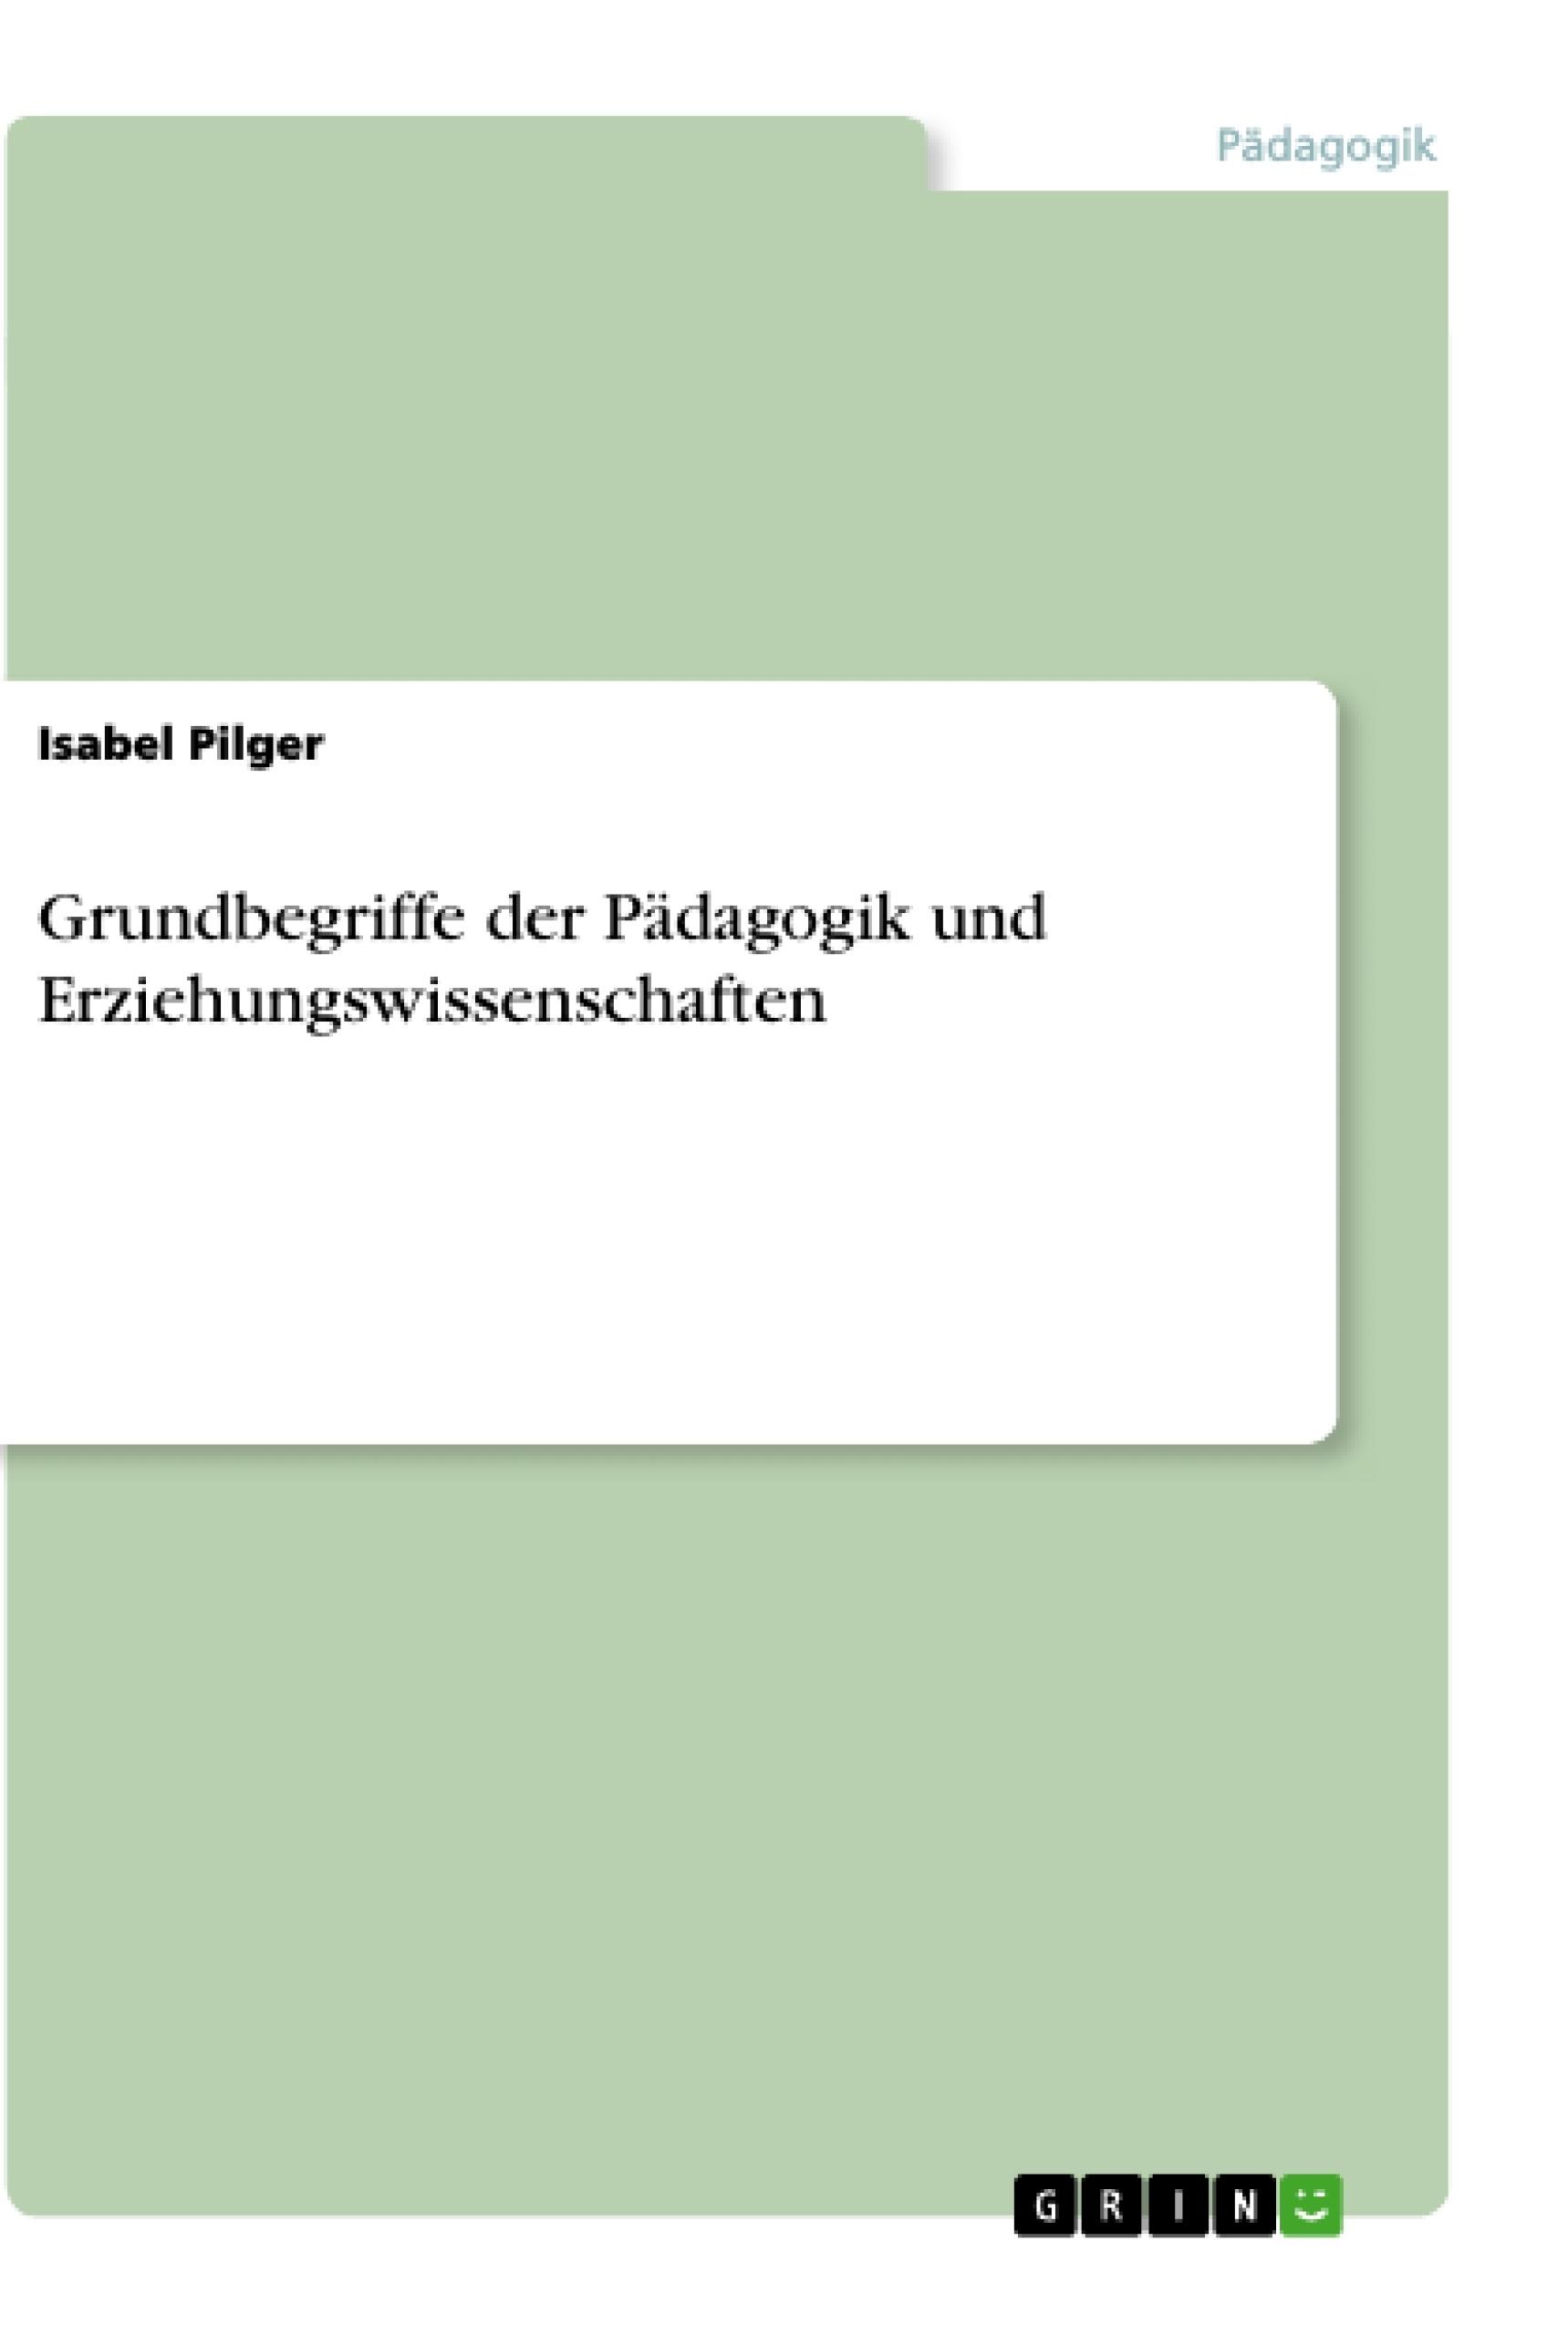 Titel: Grundbegriffe der Pädagogik und Erziehungswissenschaften